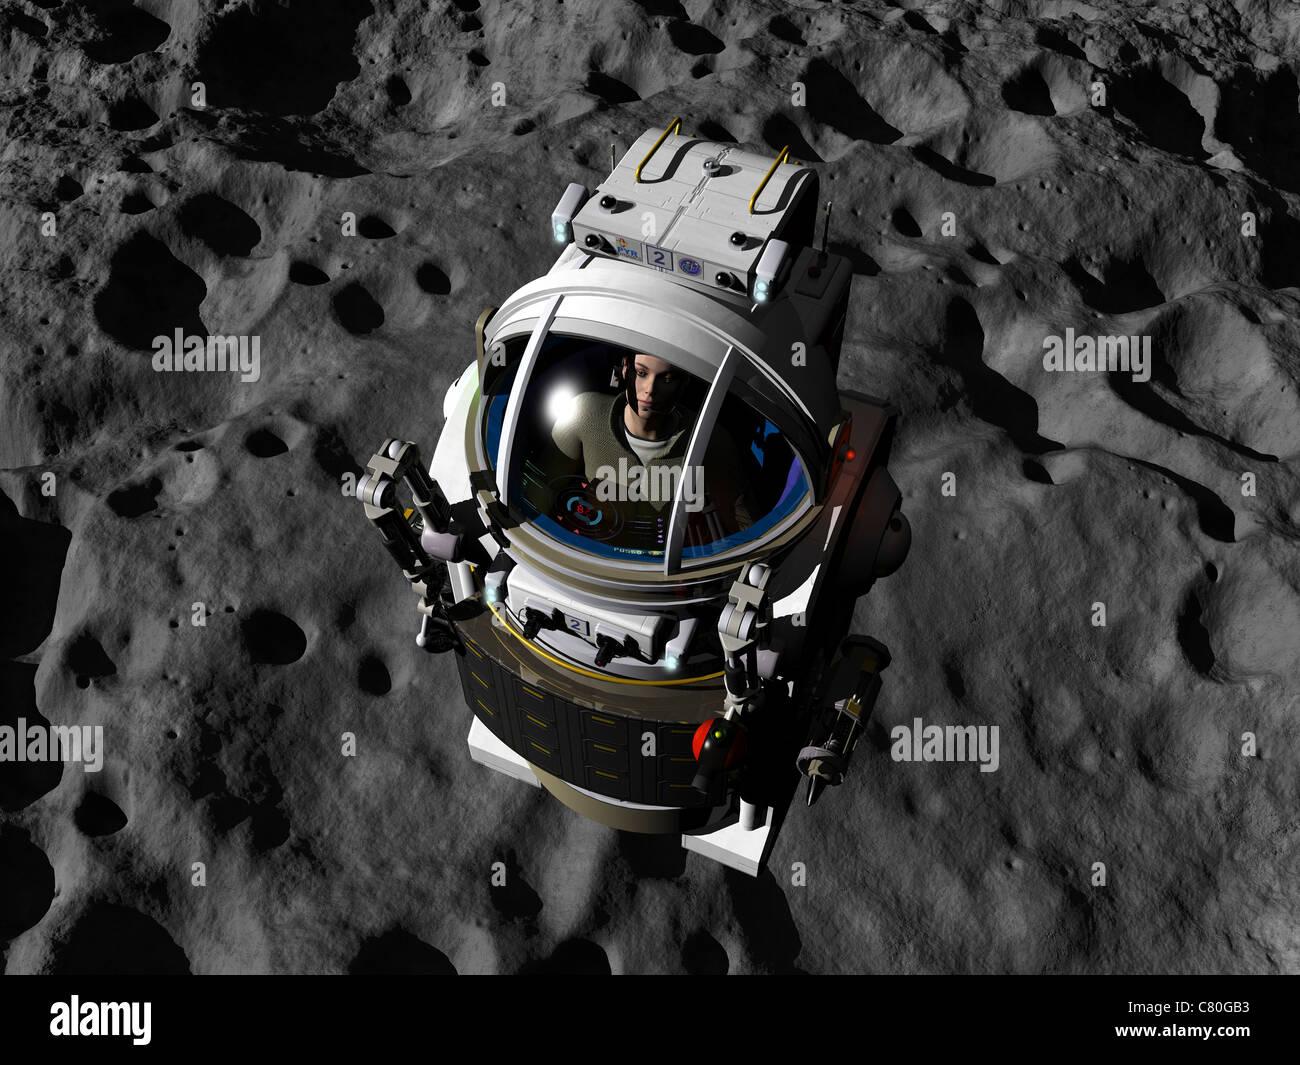 Un astronaute à l'essai d'un véhicule de Manœuvre individuelle au-dessus de la surface d'un astéroïde. Banque D'Images